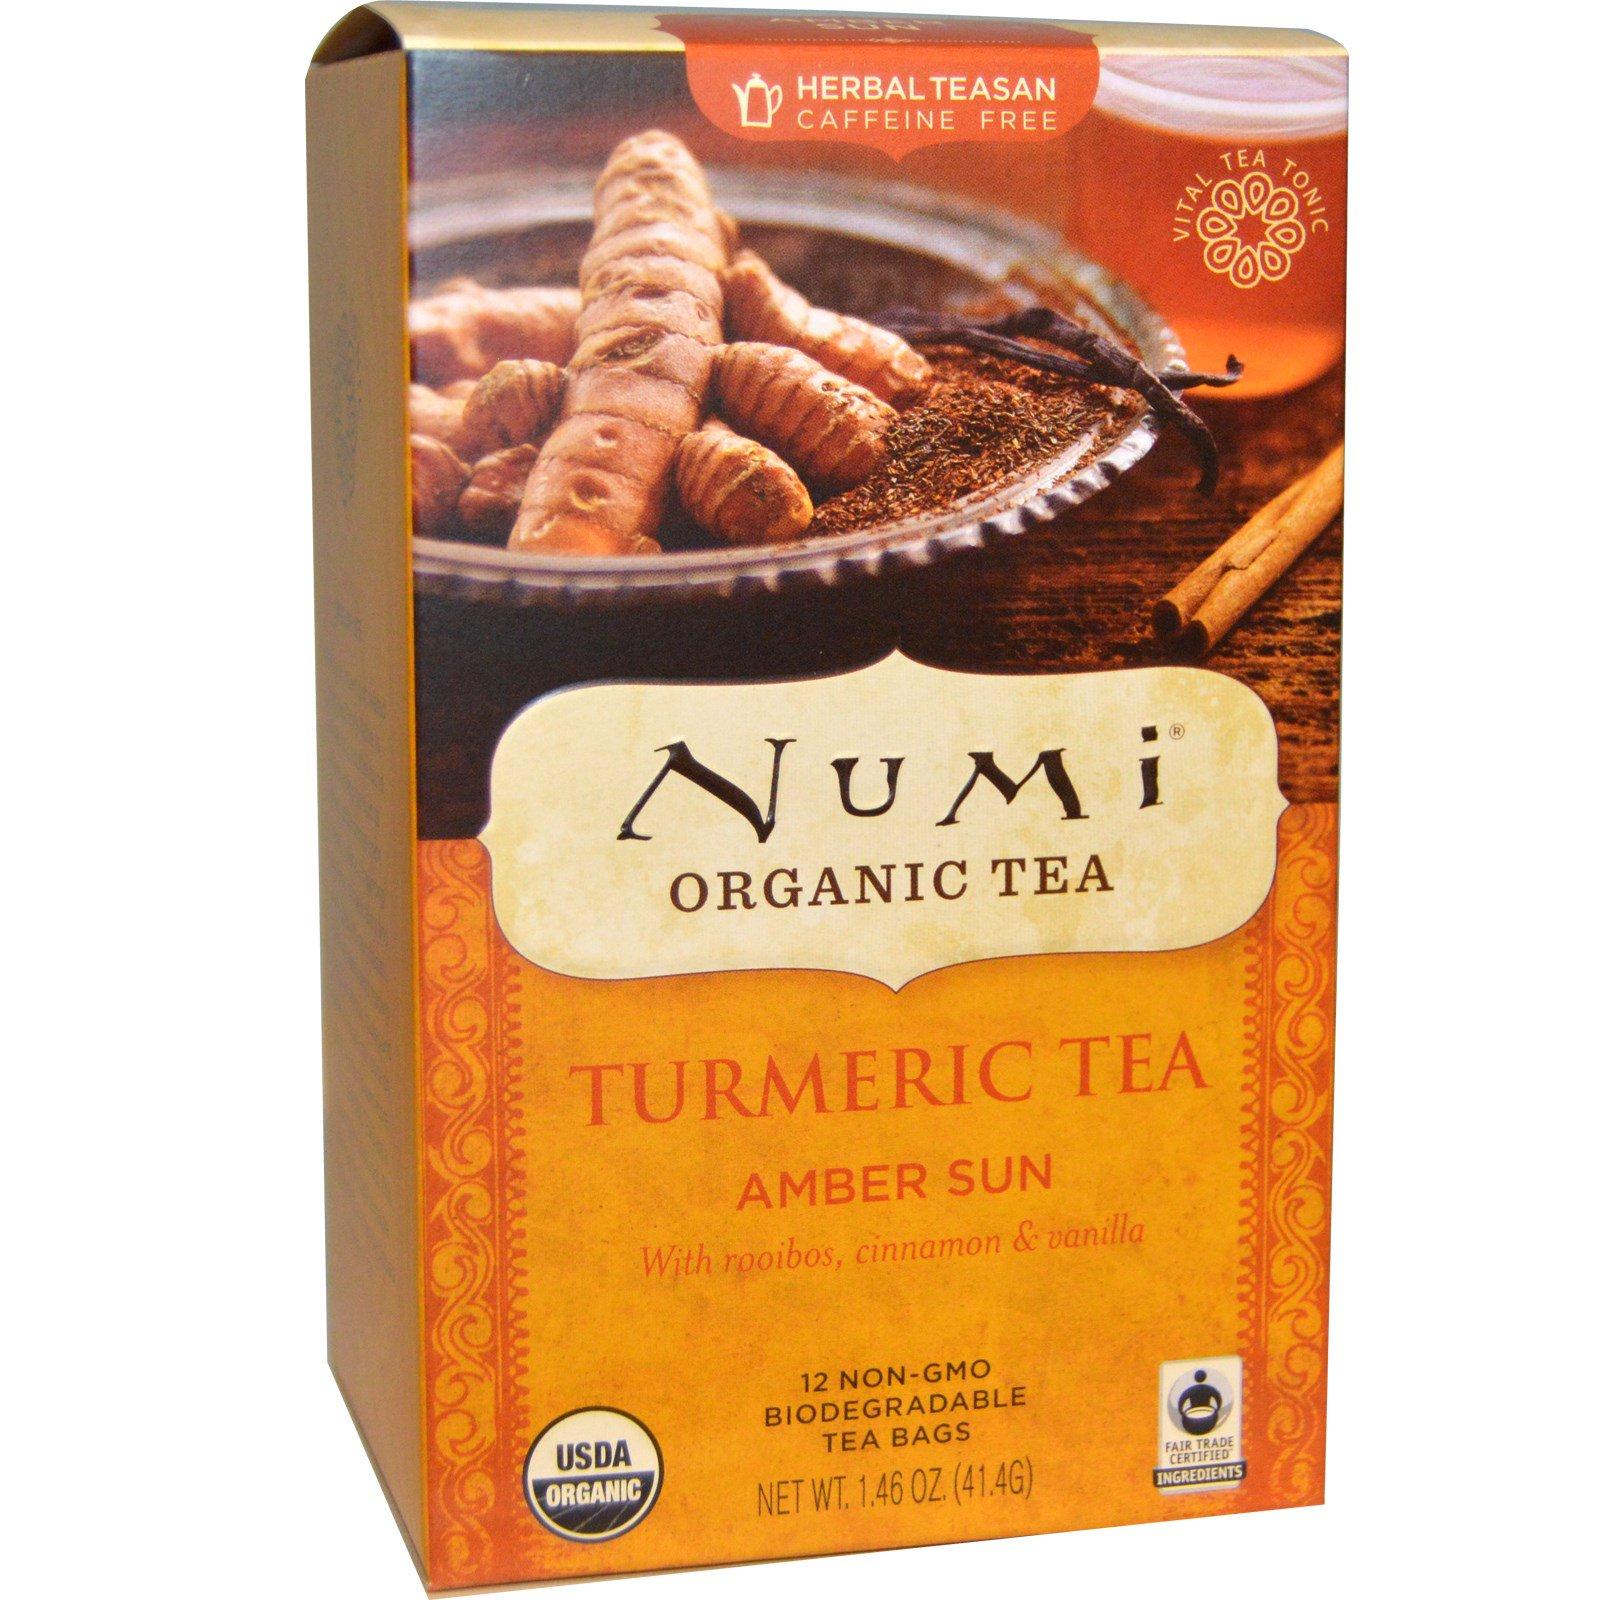 Ekologiška ciberžolės arbata Amber sun NUMI, 12 pakelių, 41,4g